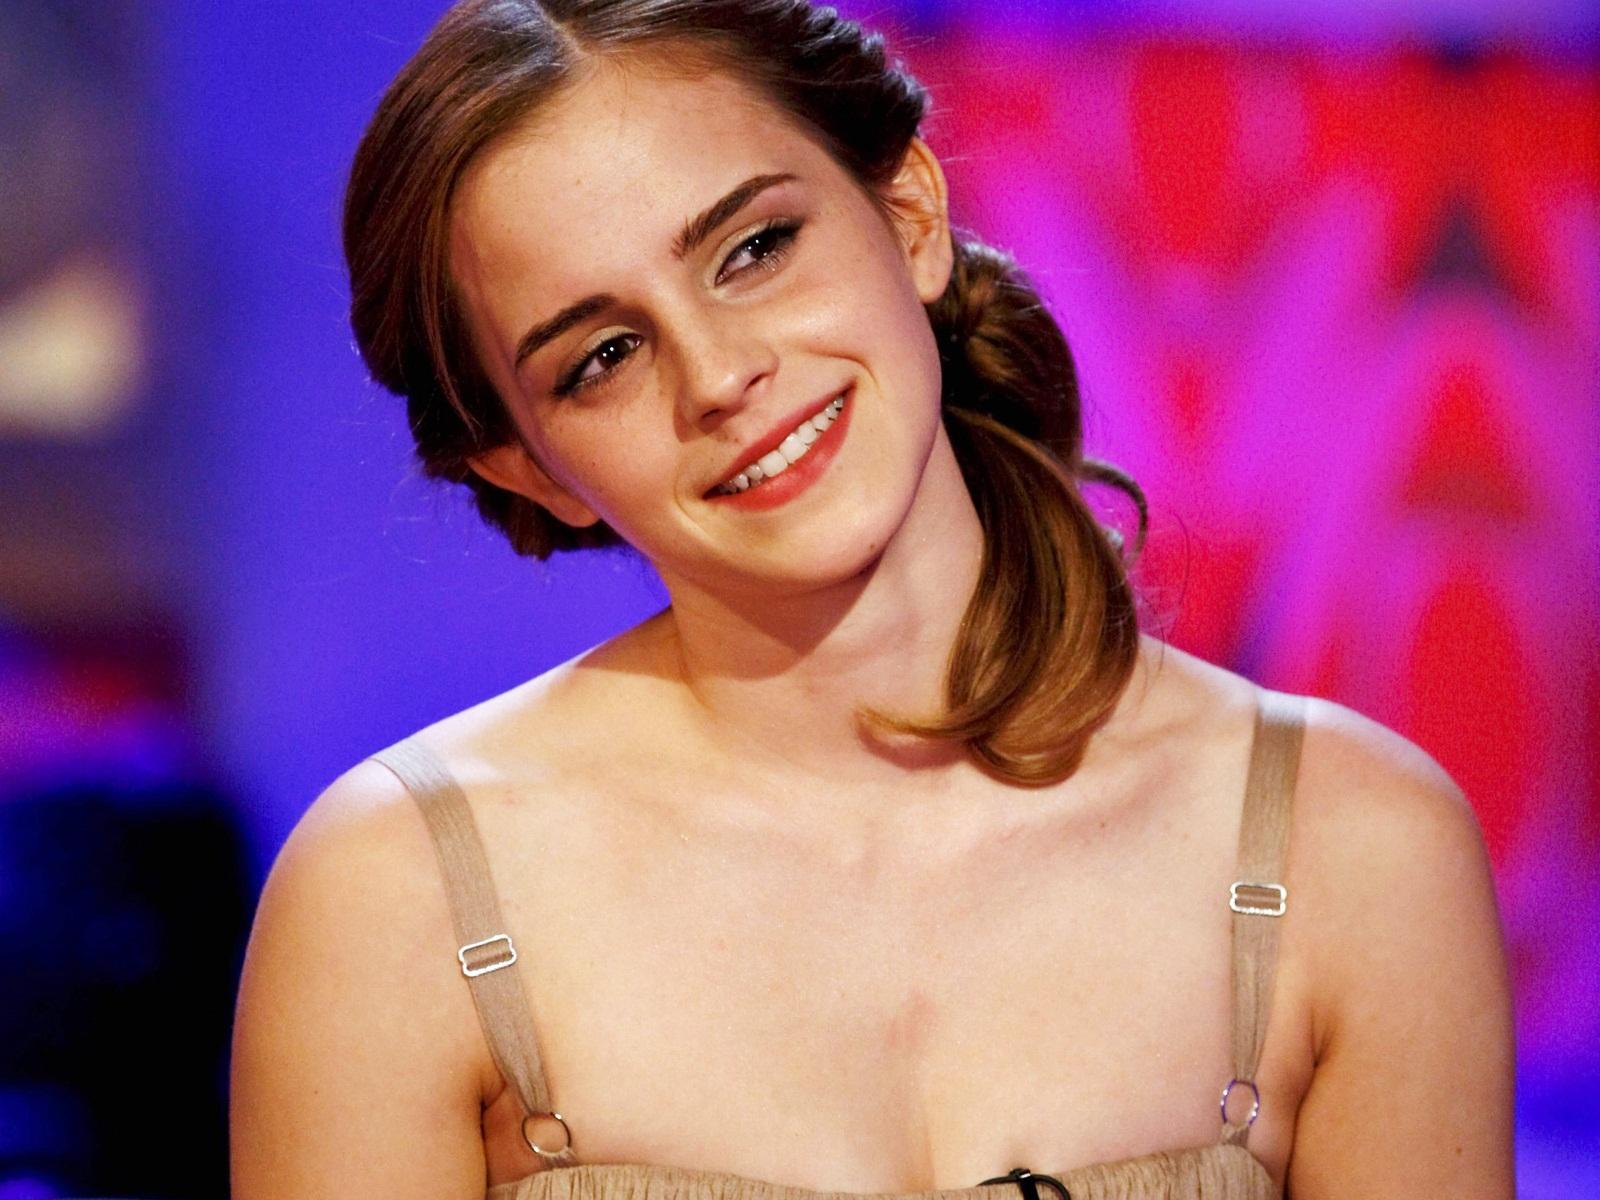 Amazing Emma Watson wallpaper